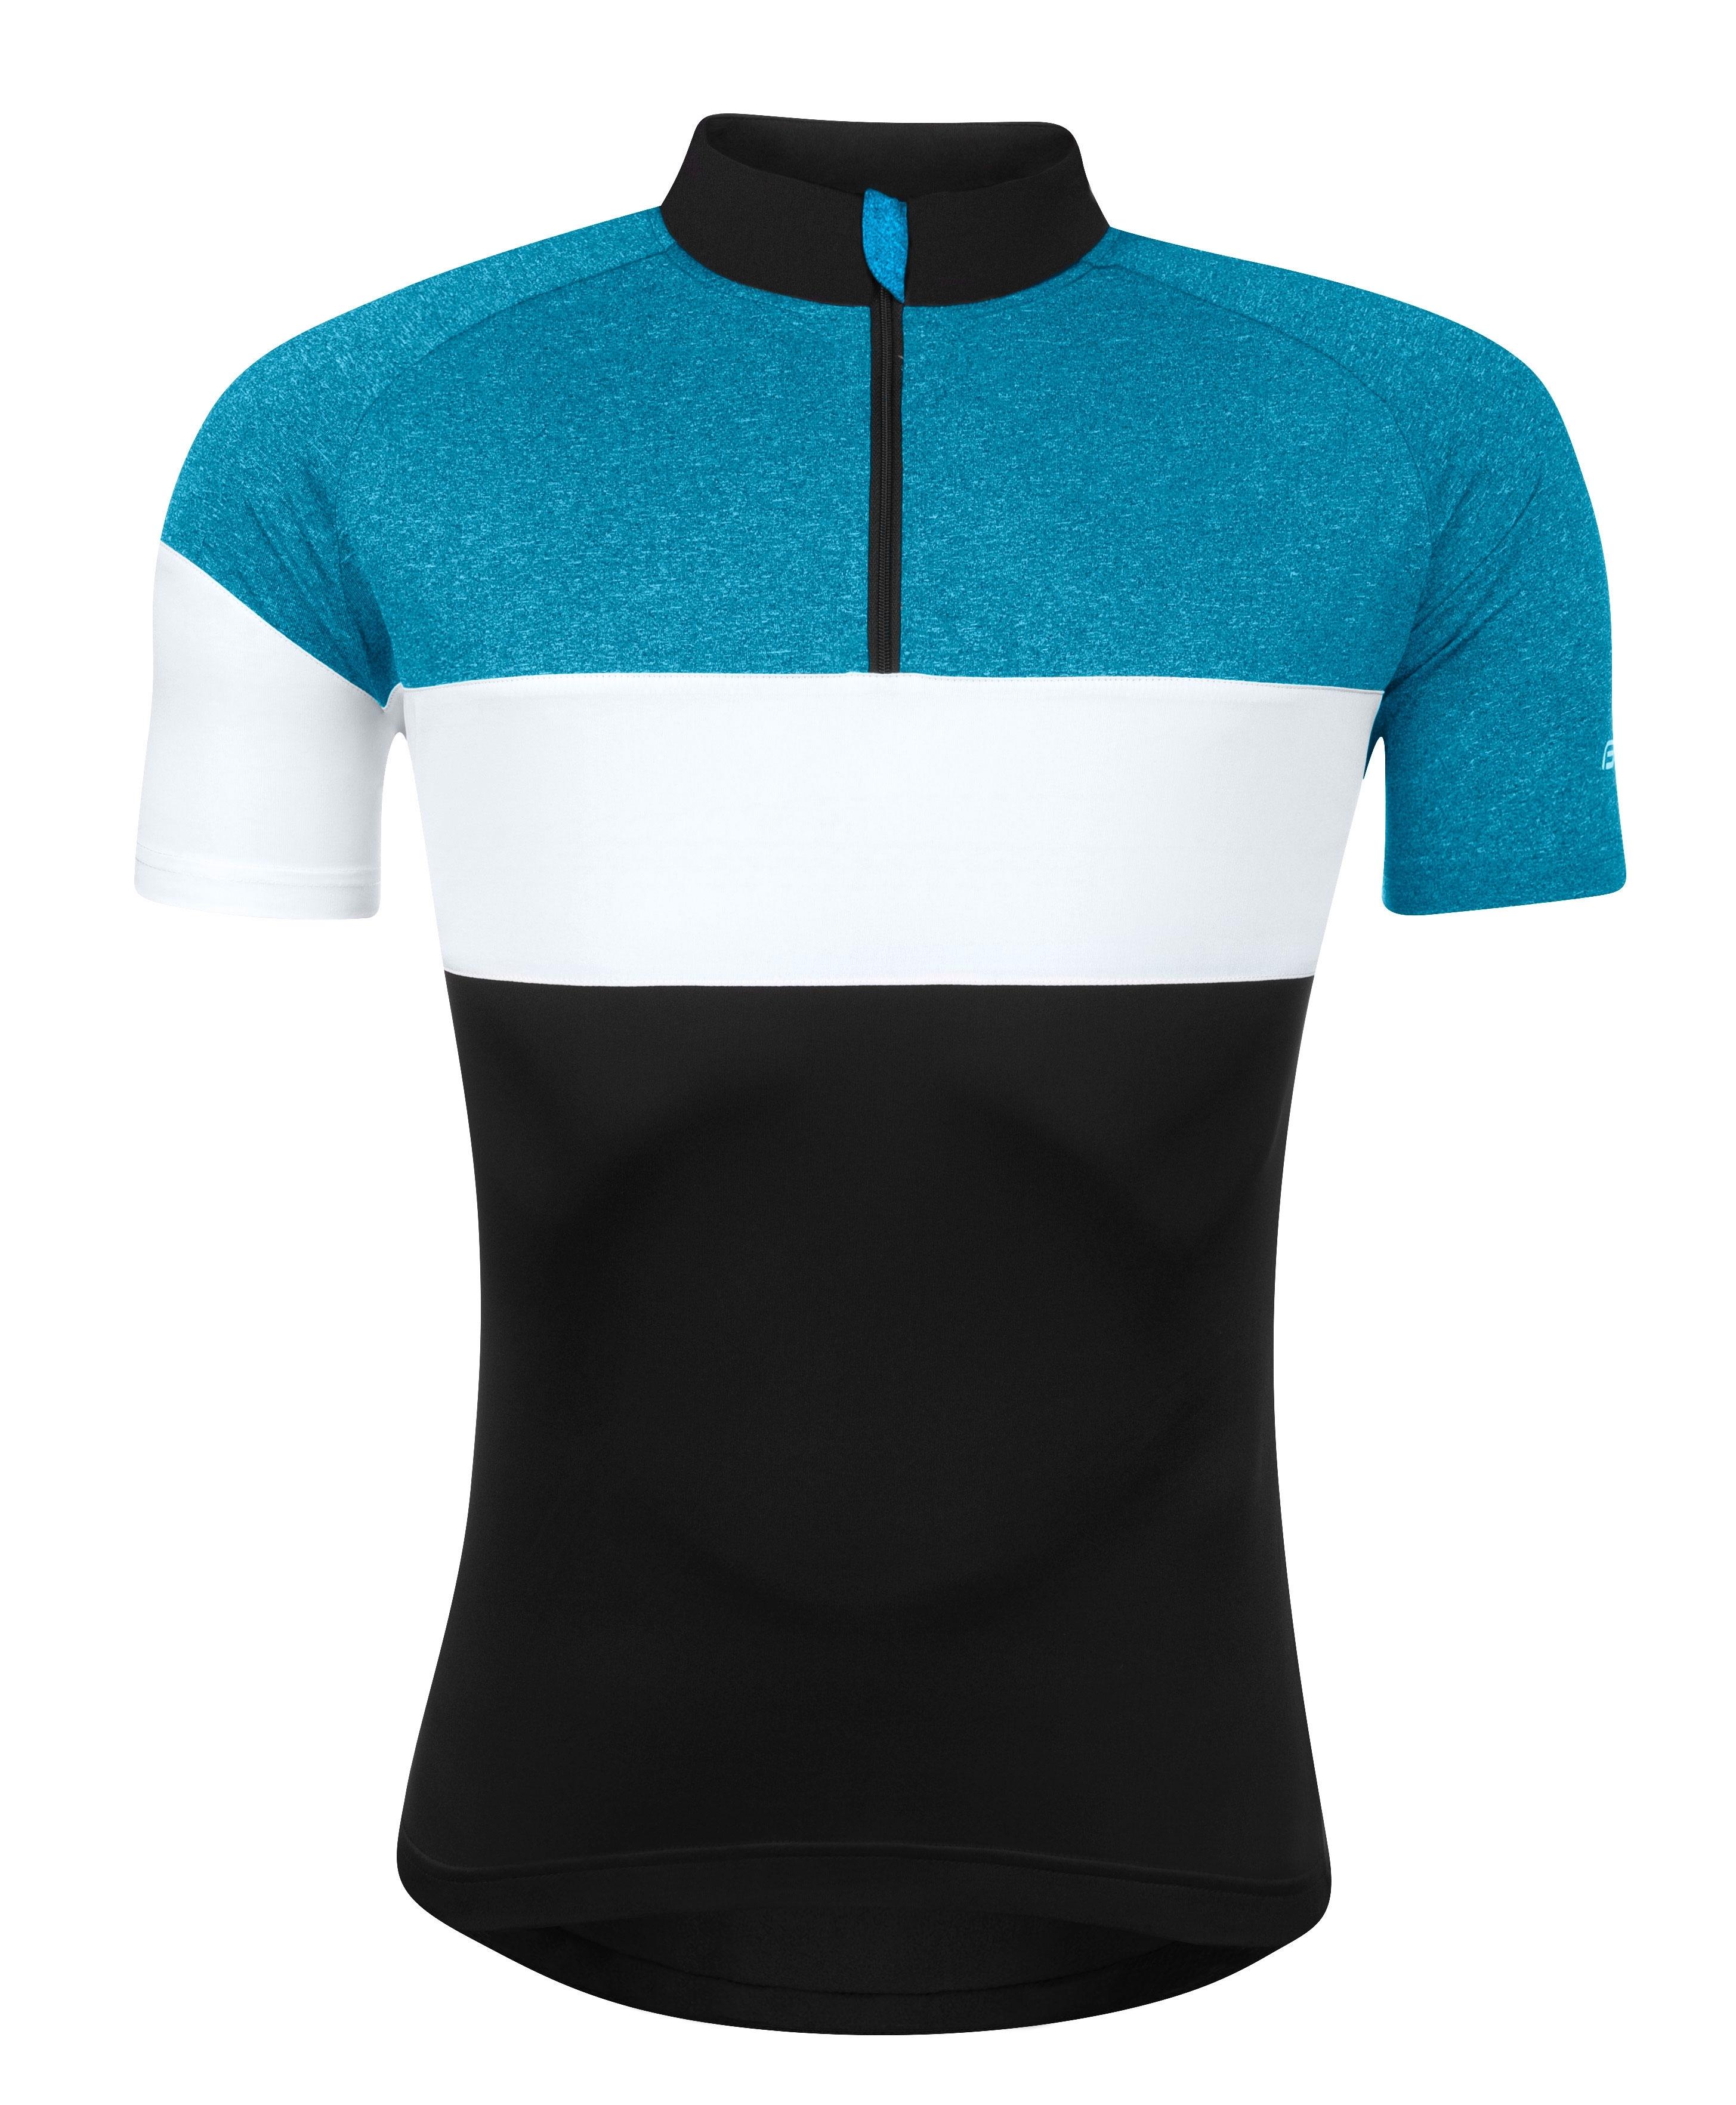 dres FORCE VIEW krátký rukáv,černo-modro-bílý 3XL